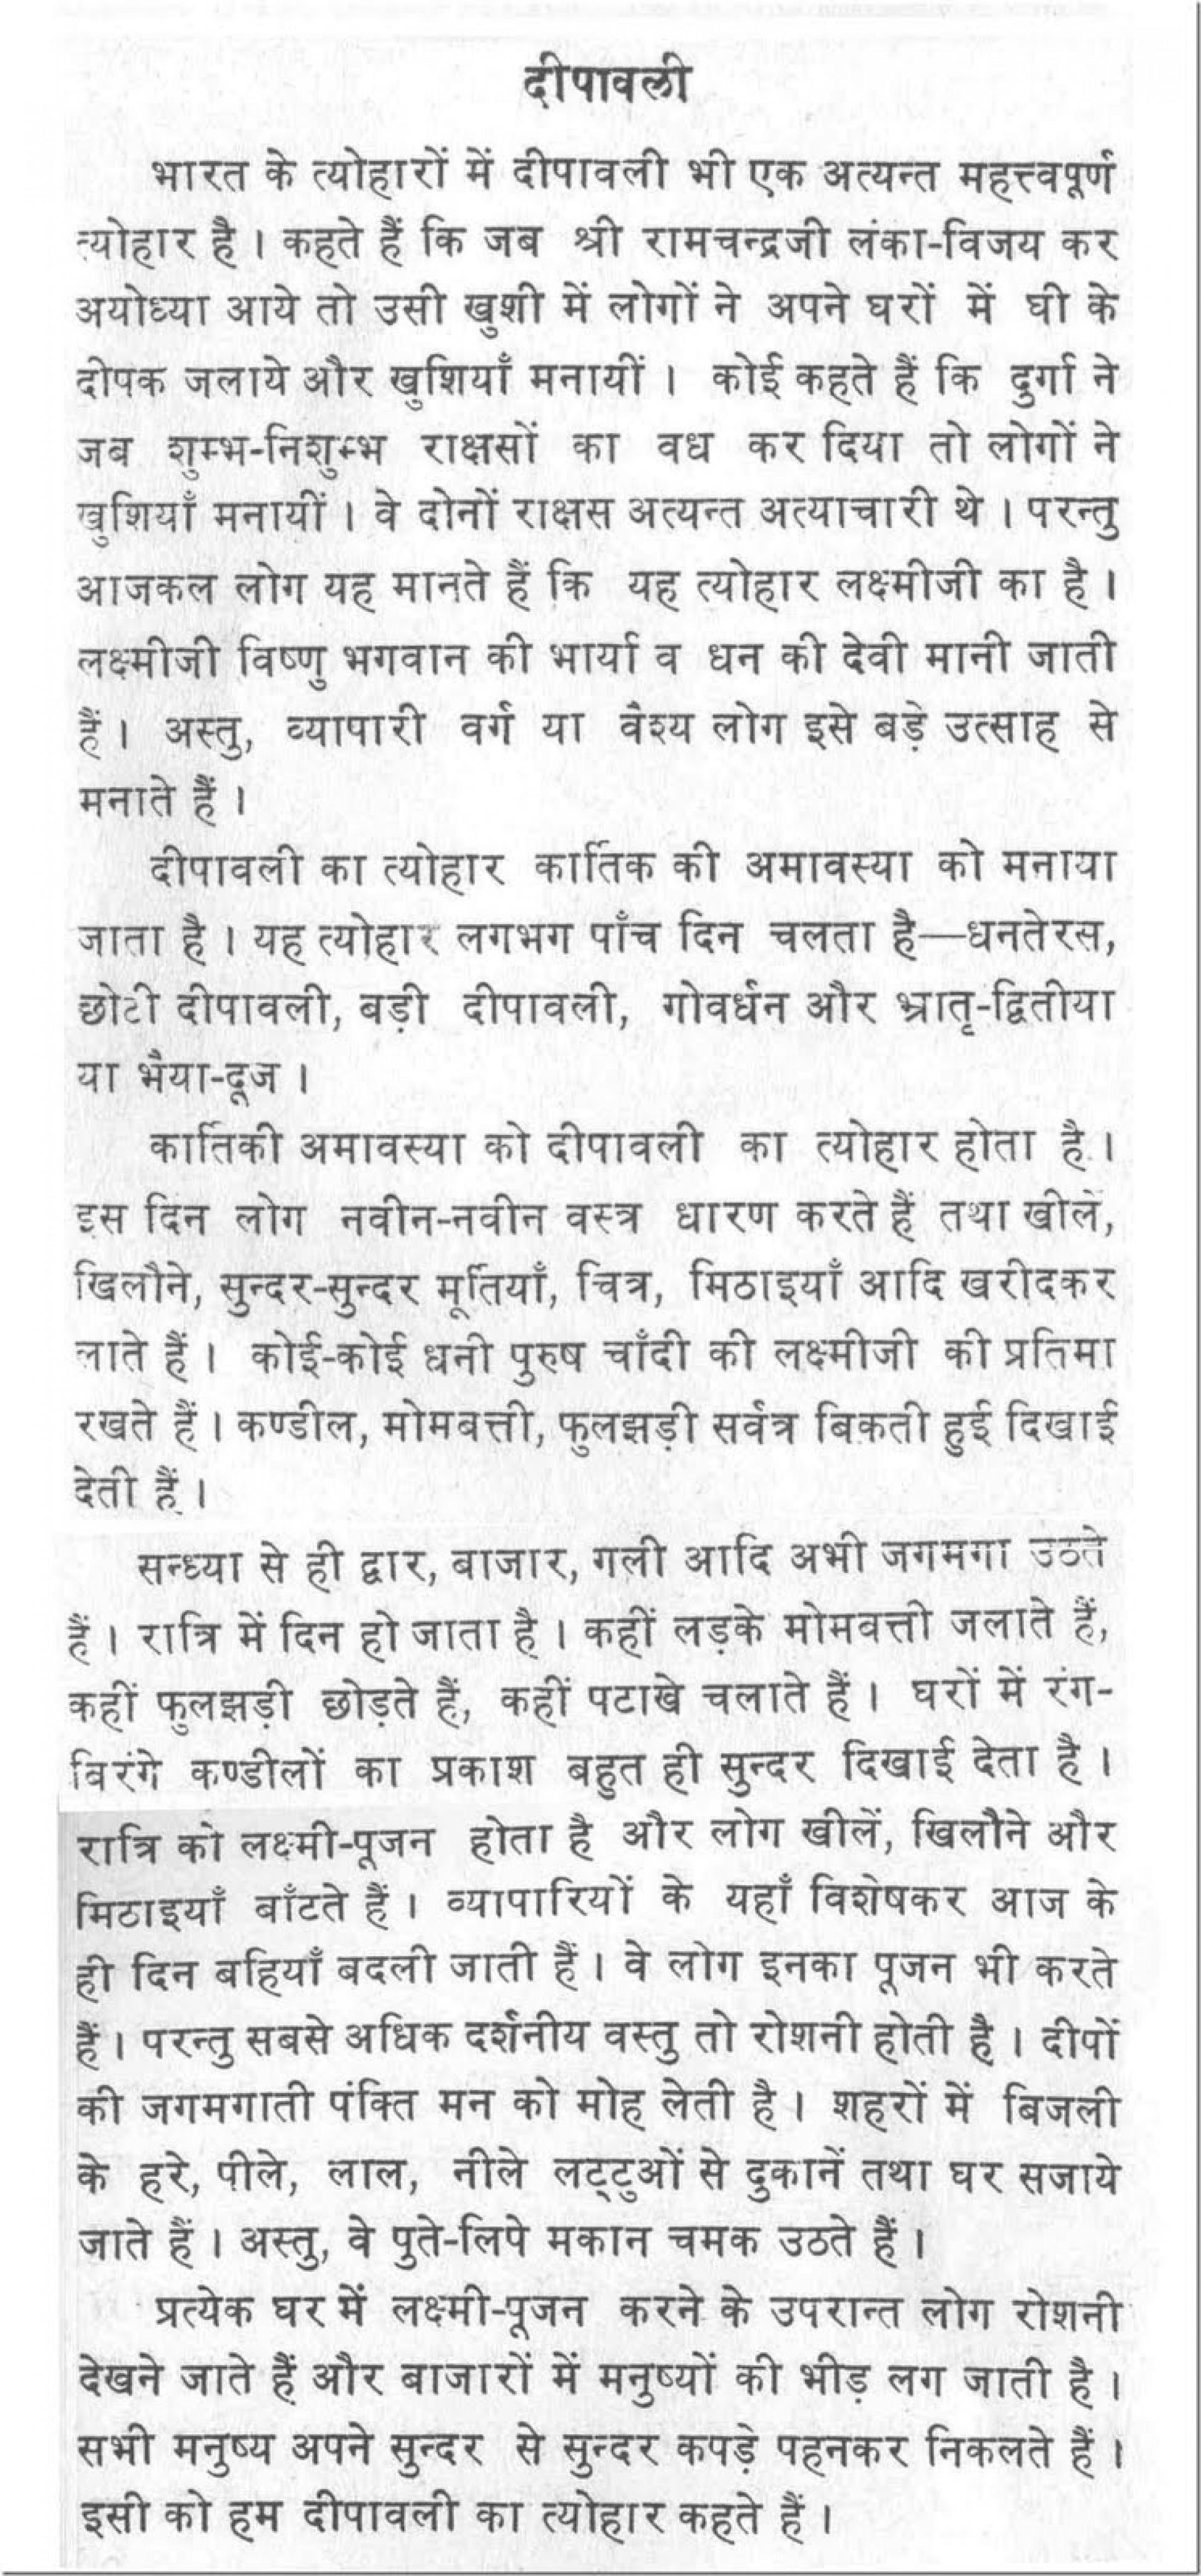 017 Essay Example Diwali20esay20in20hindi Hard Wonderful Work In Urdu 1920